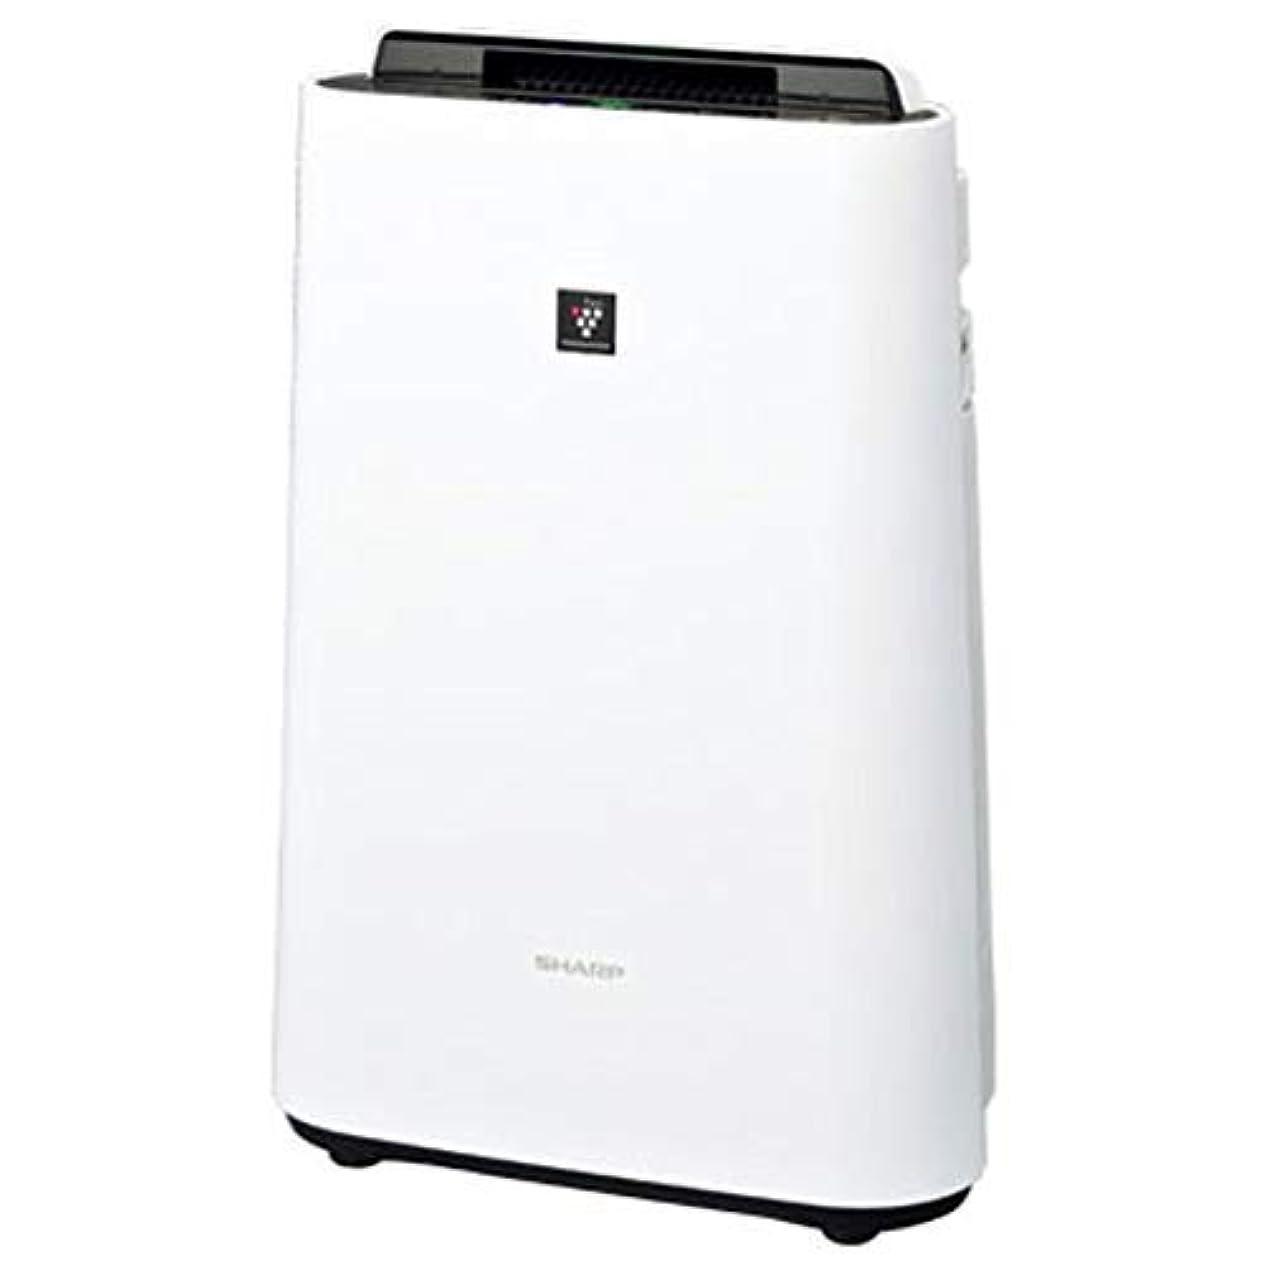 操作可能確かめる腐食するシャープ 加湿 空気清浄機 プラズマクラスター 7000 スタンダード 13畳 / 空気清浄 23畳 ホワイト KC-J50-W